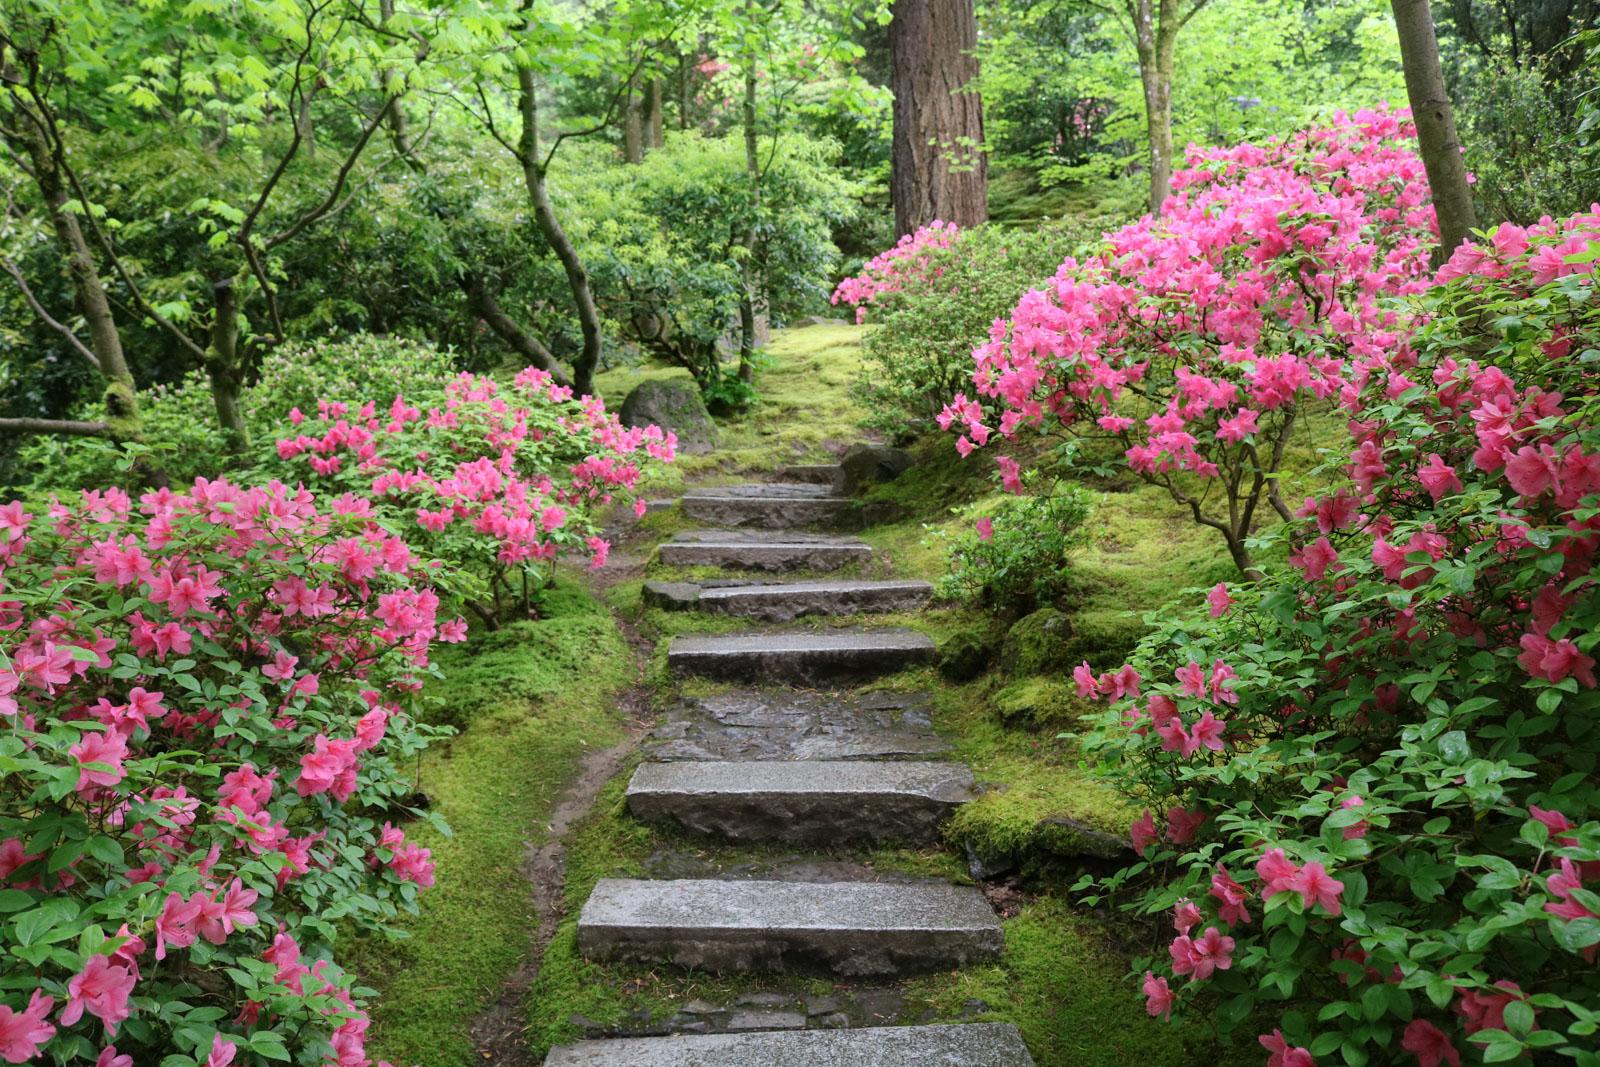 A Walk Through The Natural Garden